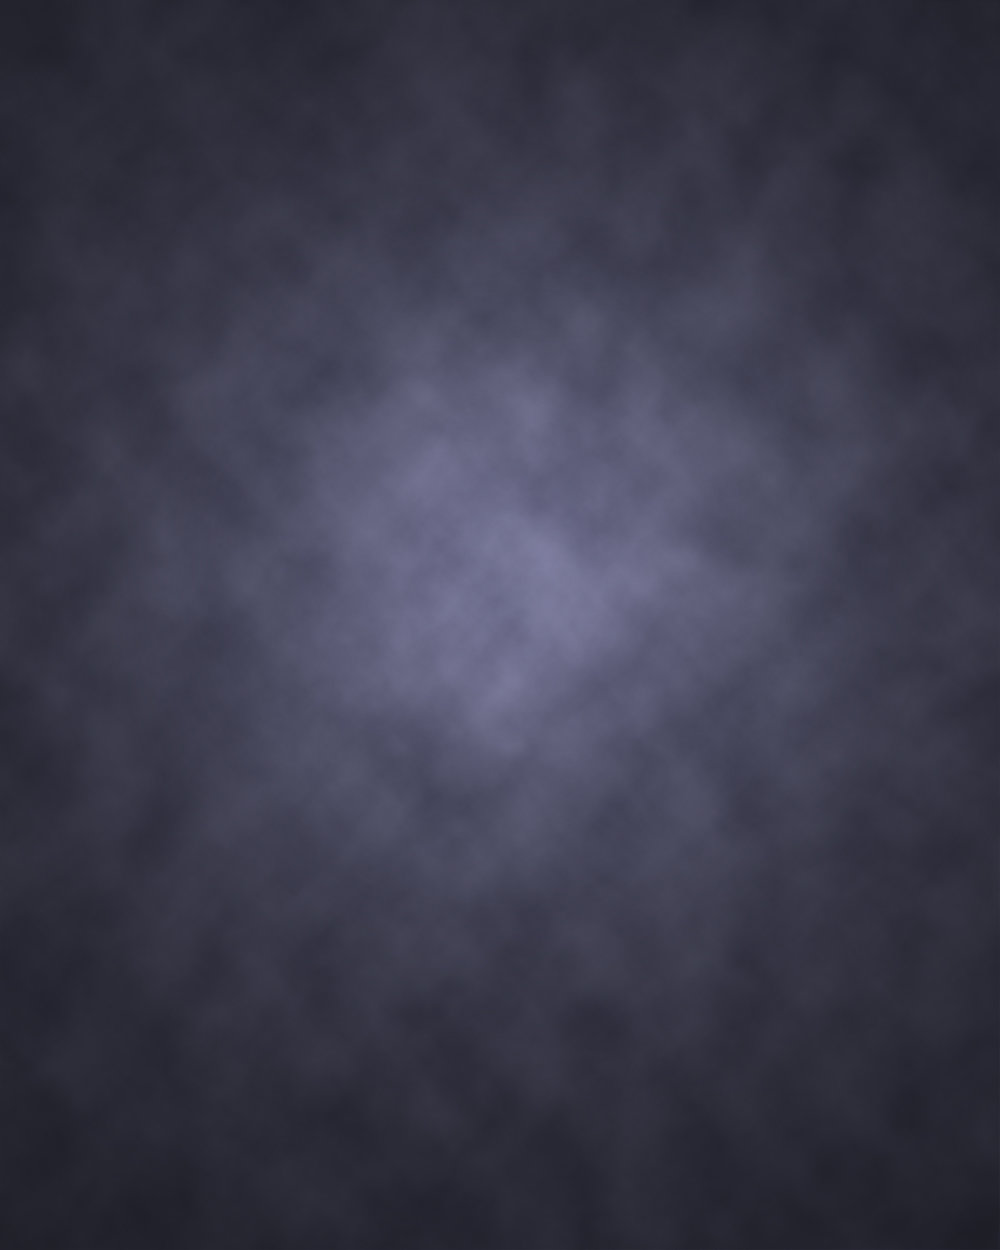 Background Option #4 - Blue Grey